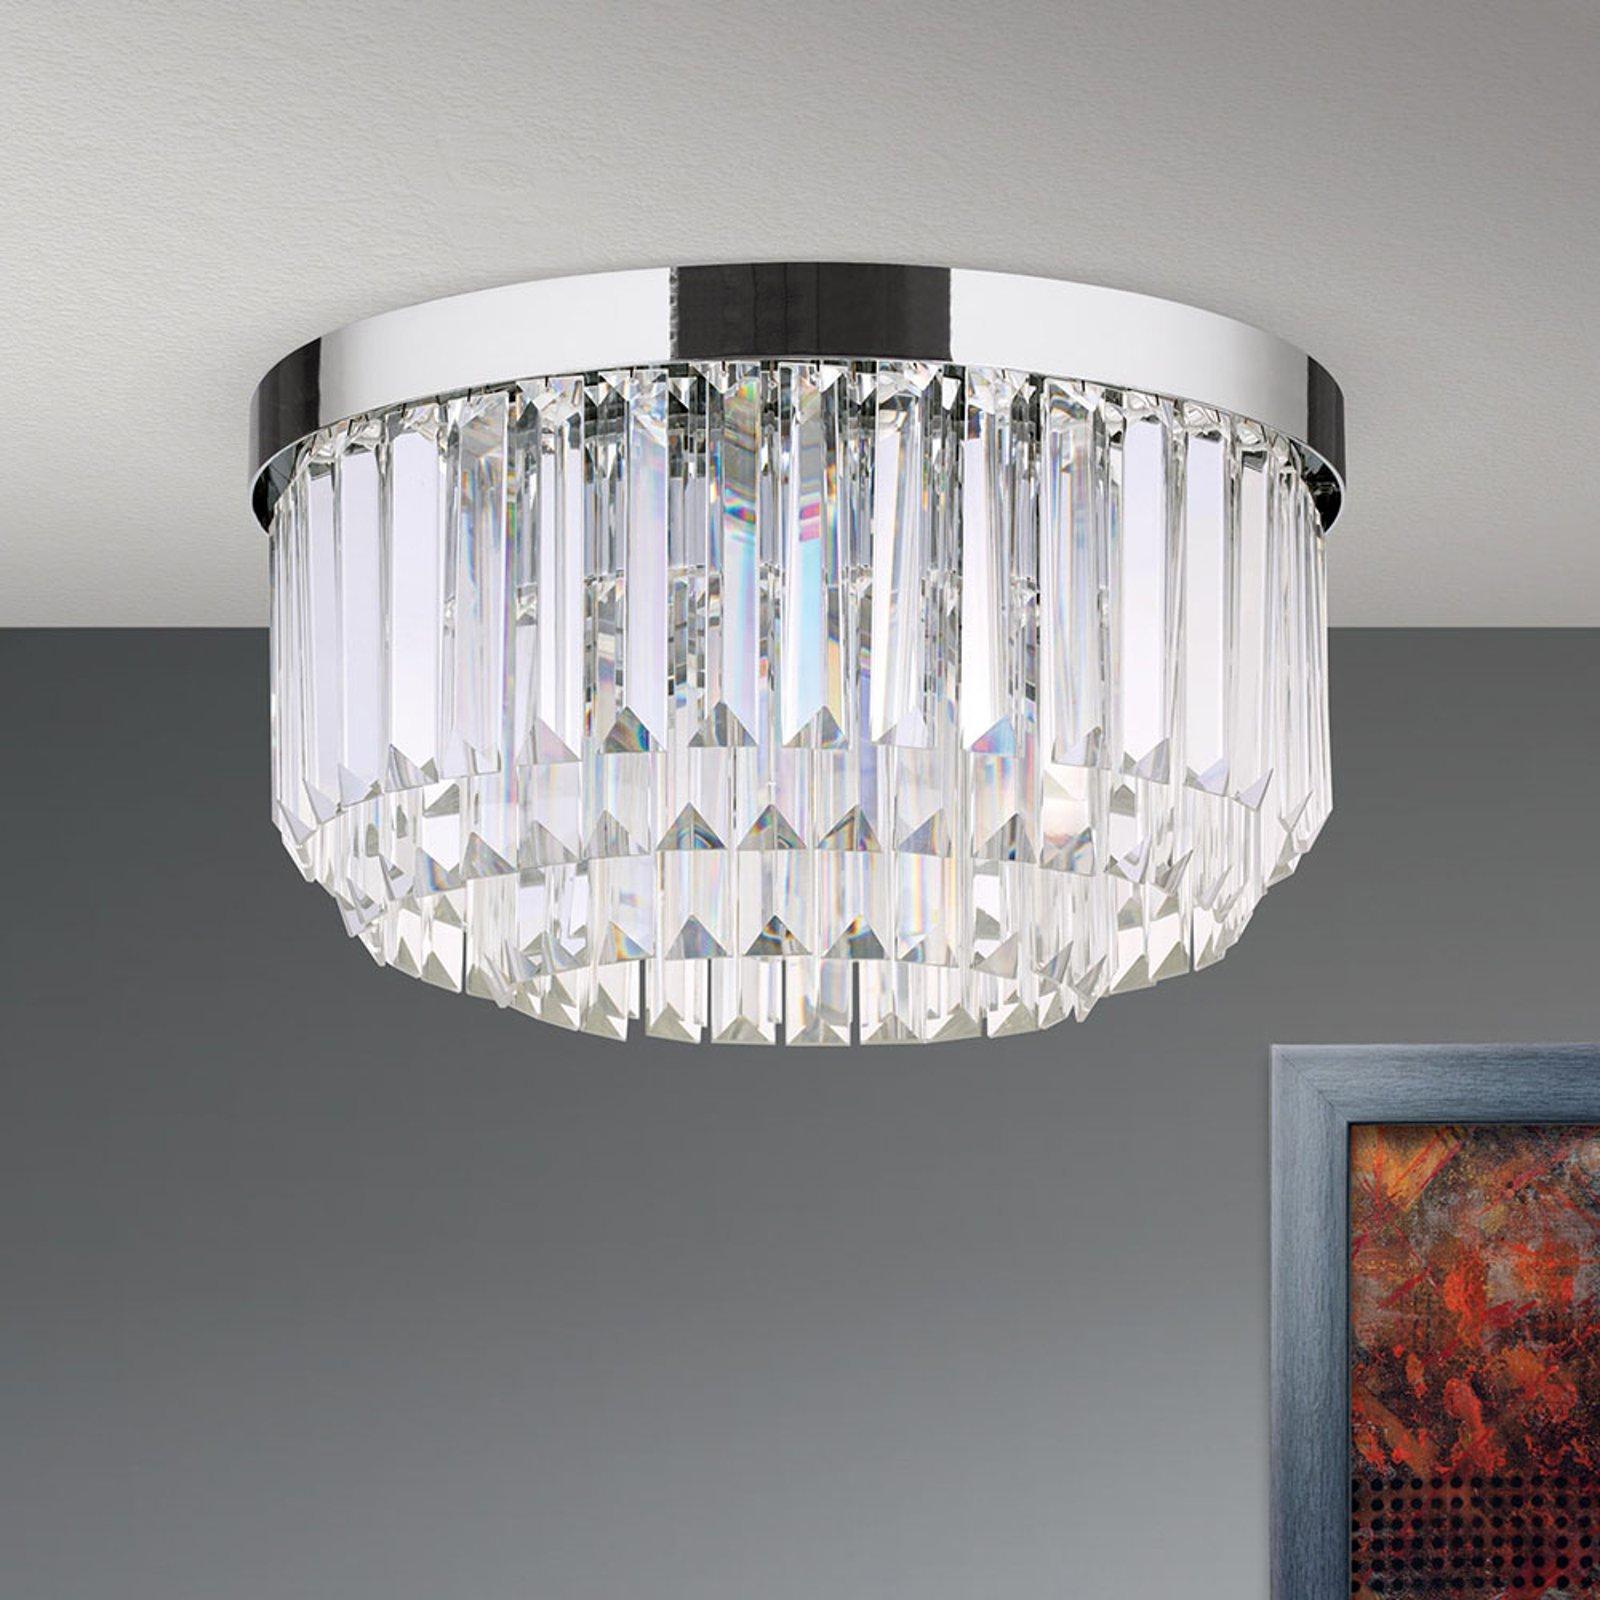 LED-taklampe Prism, krom, Ø 35 cm